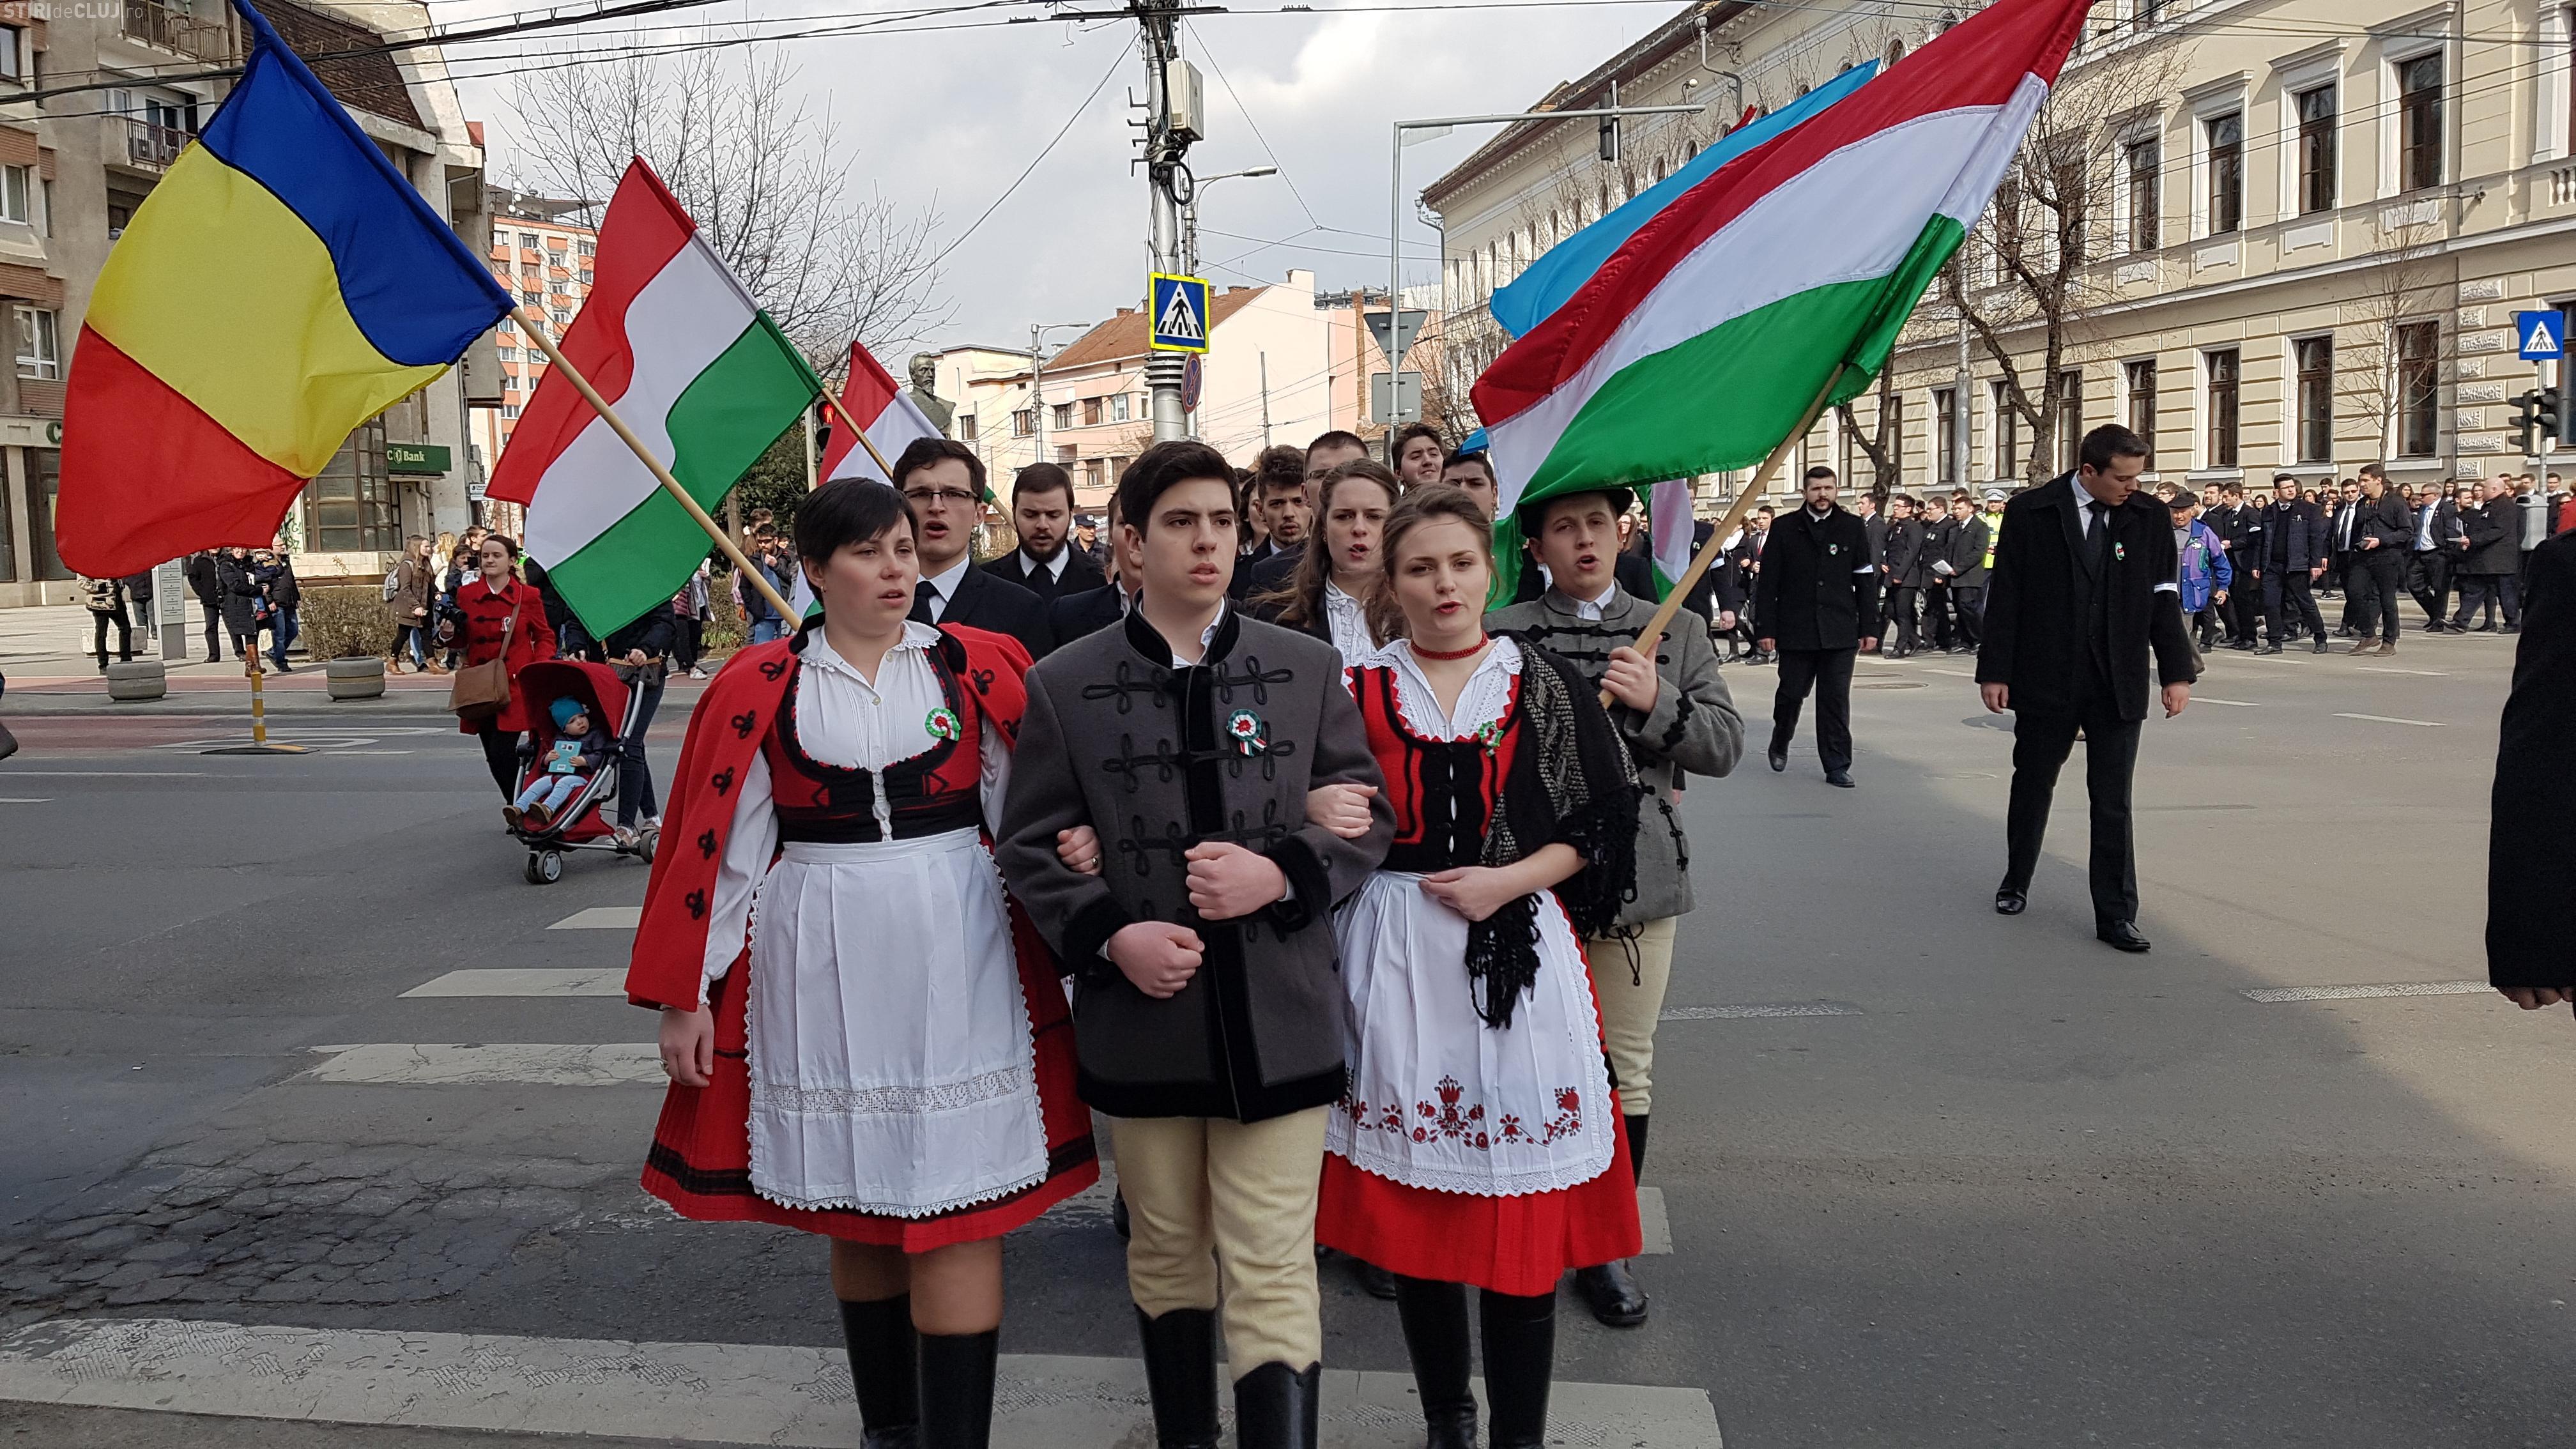 Guvernul Ungariei de ziua maghiarilor din România: Autonomia Ţinutului Secuiesc este mai importantă decât criza migraţiei